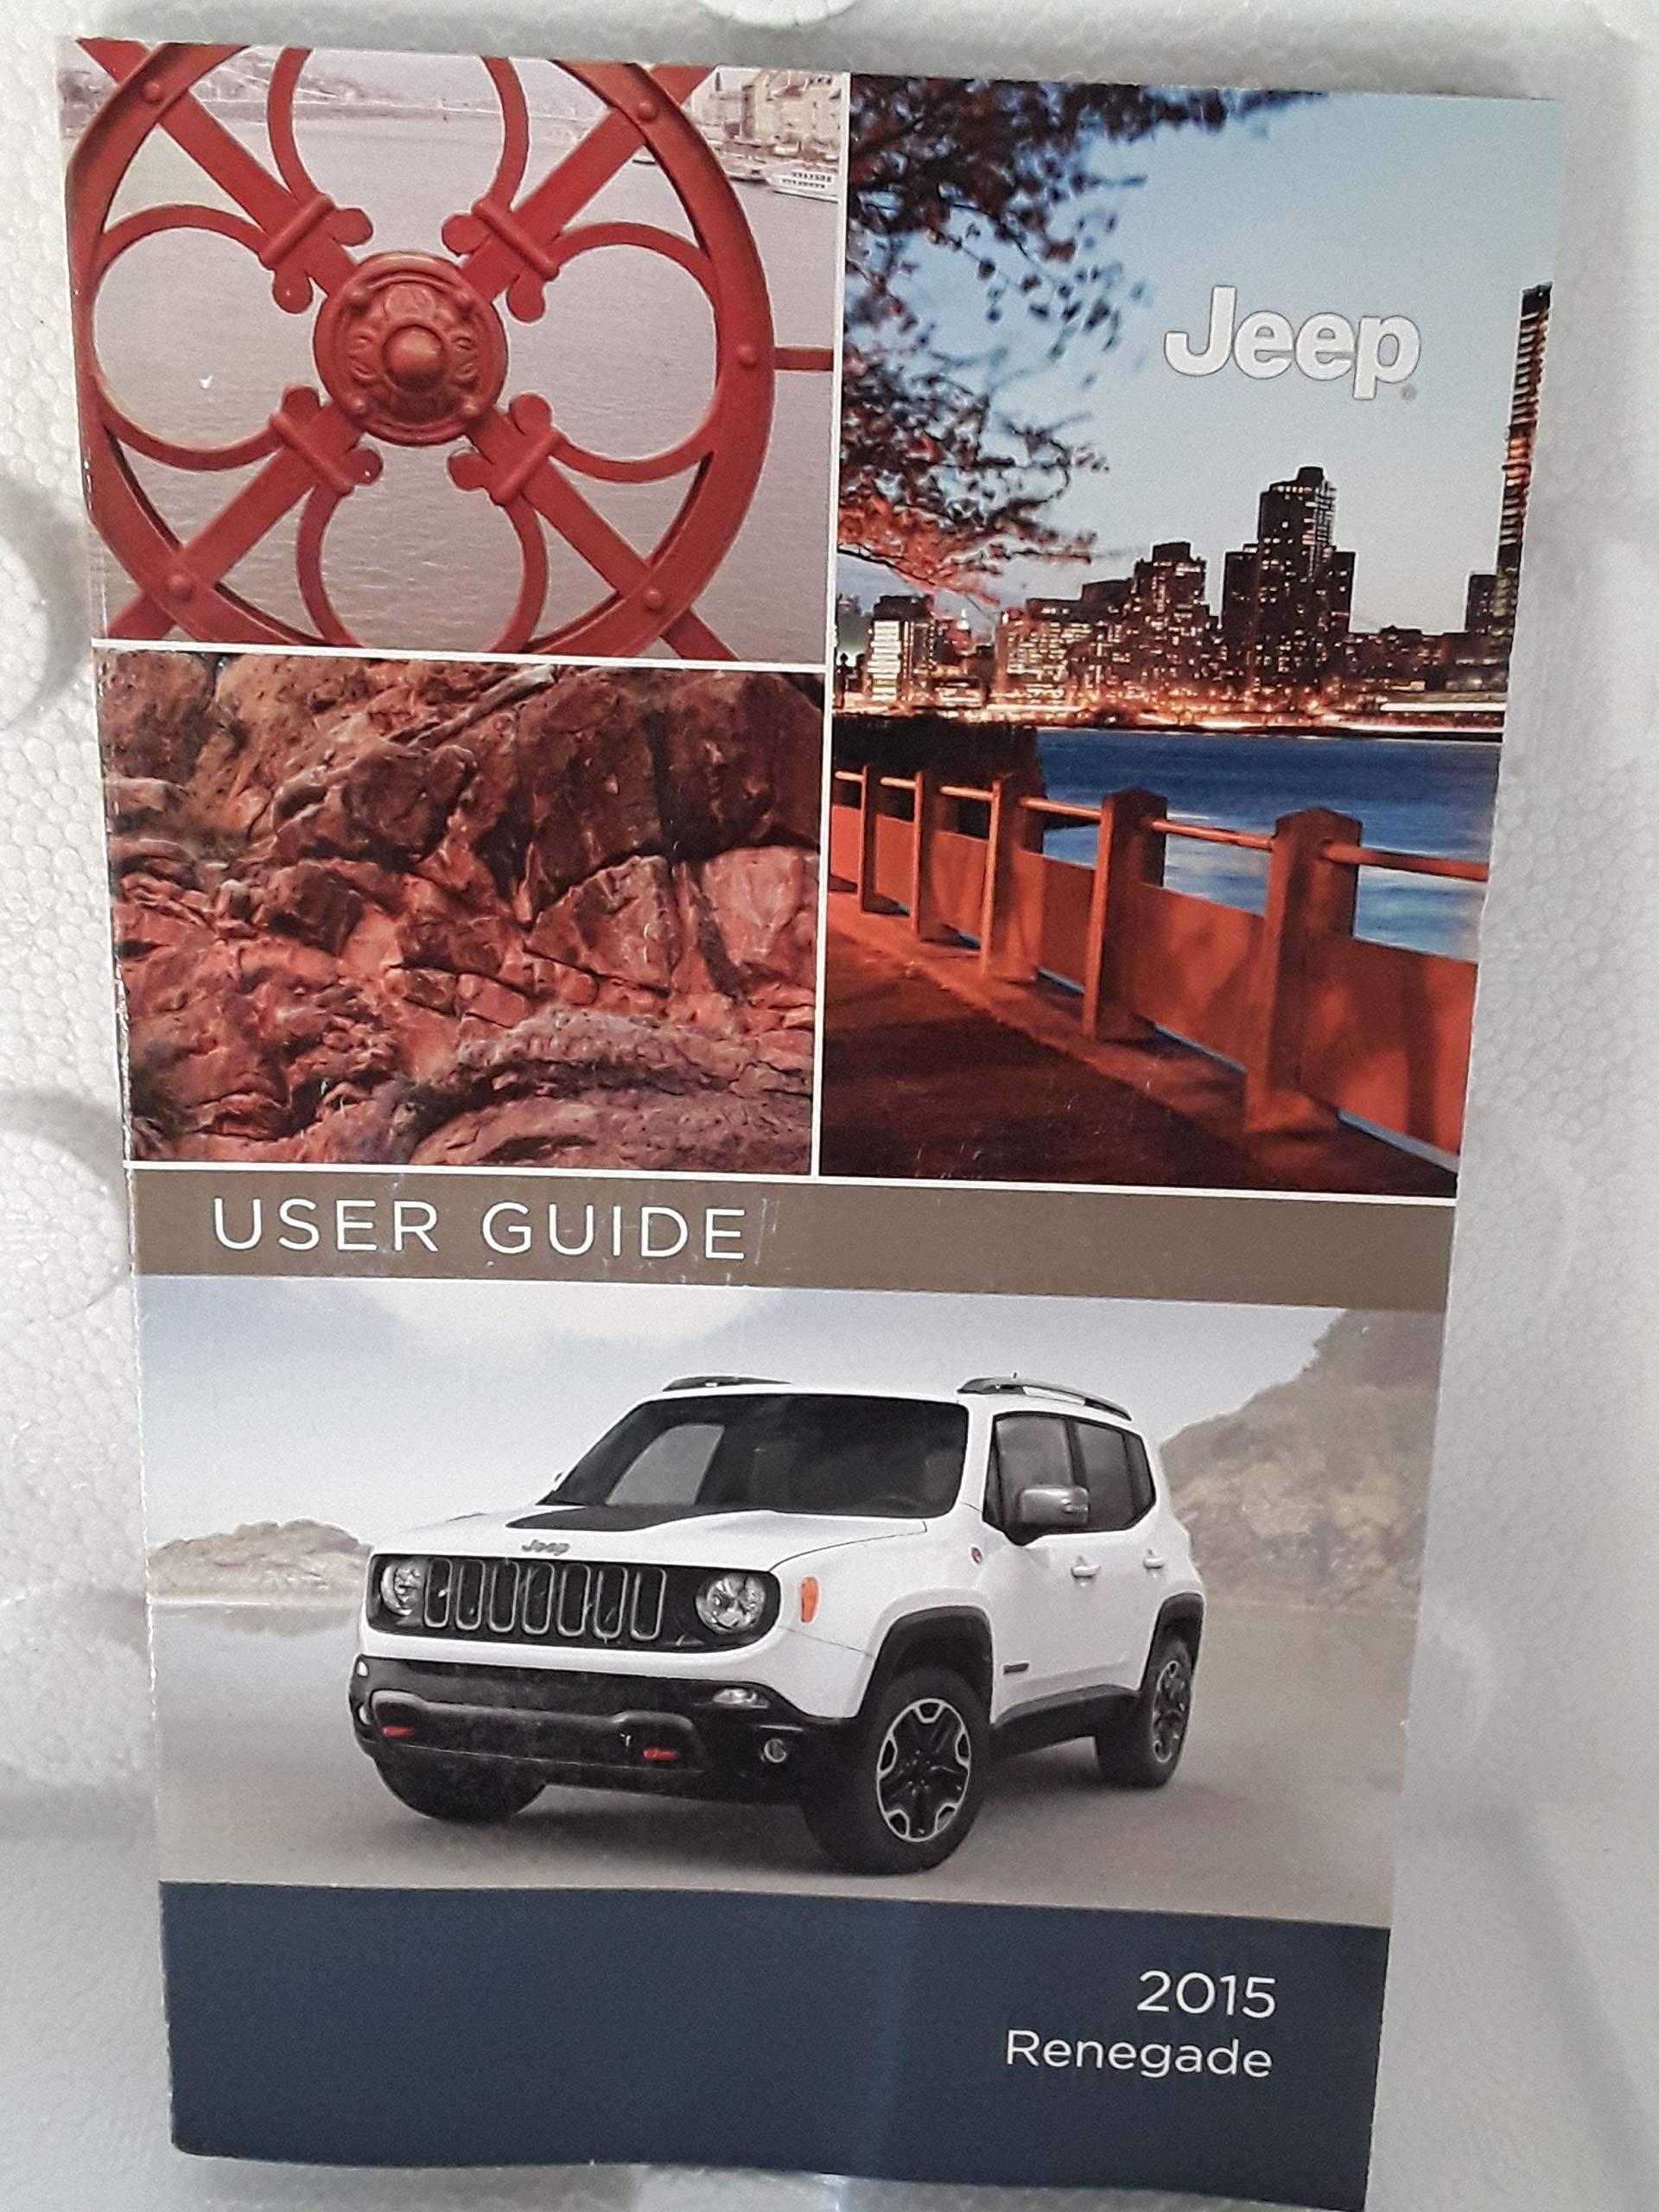 2015 Jeep Service Manual Ebook